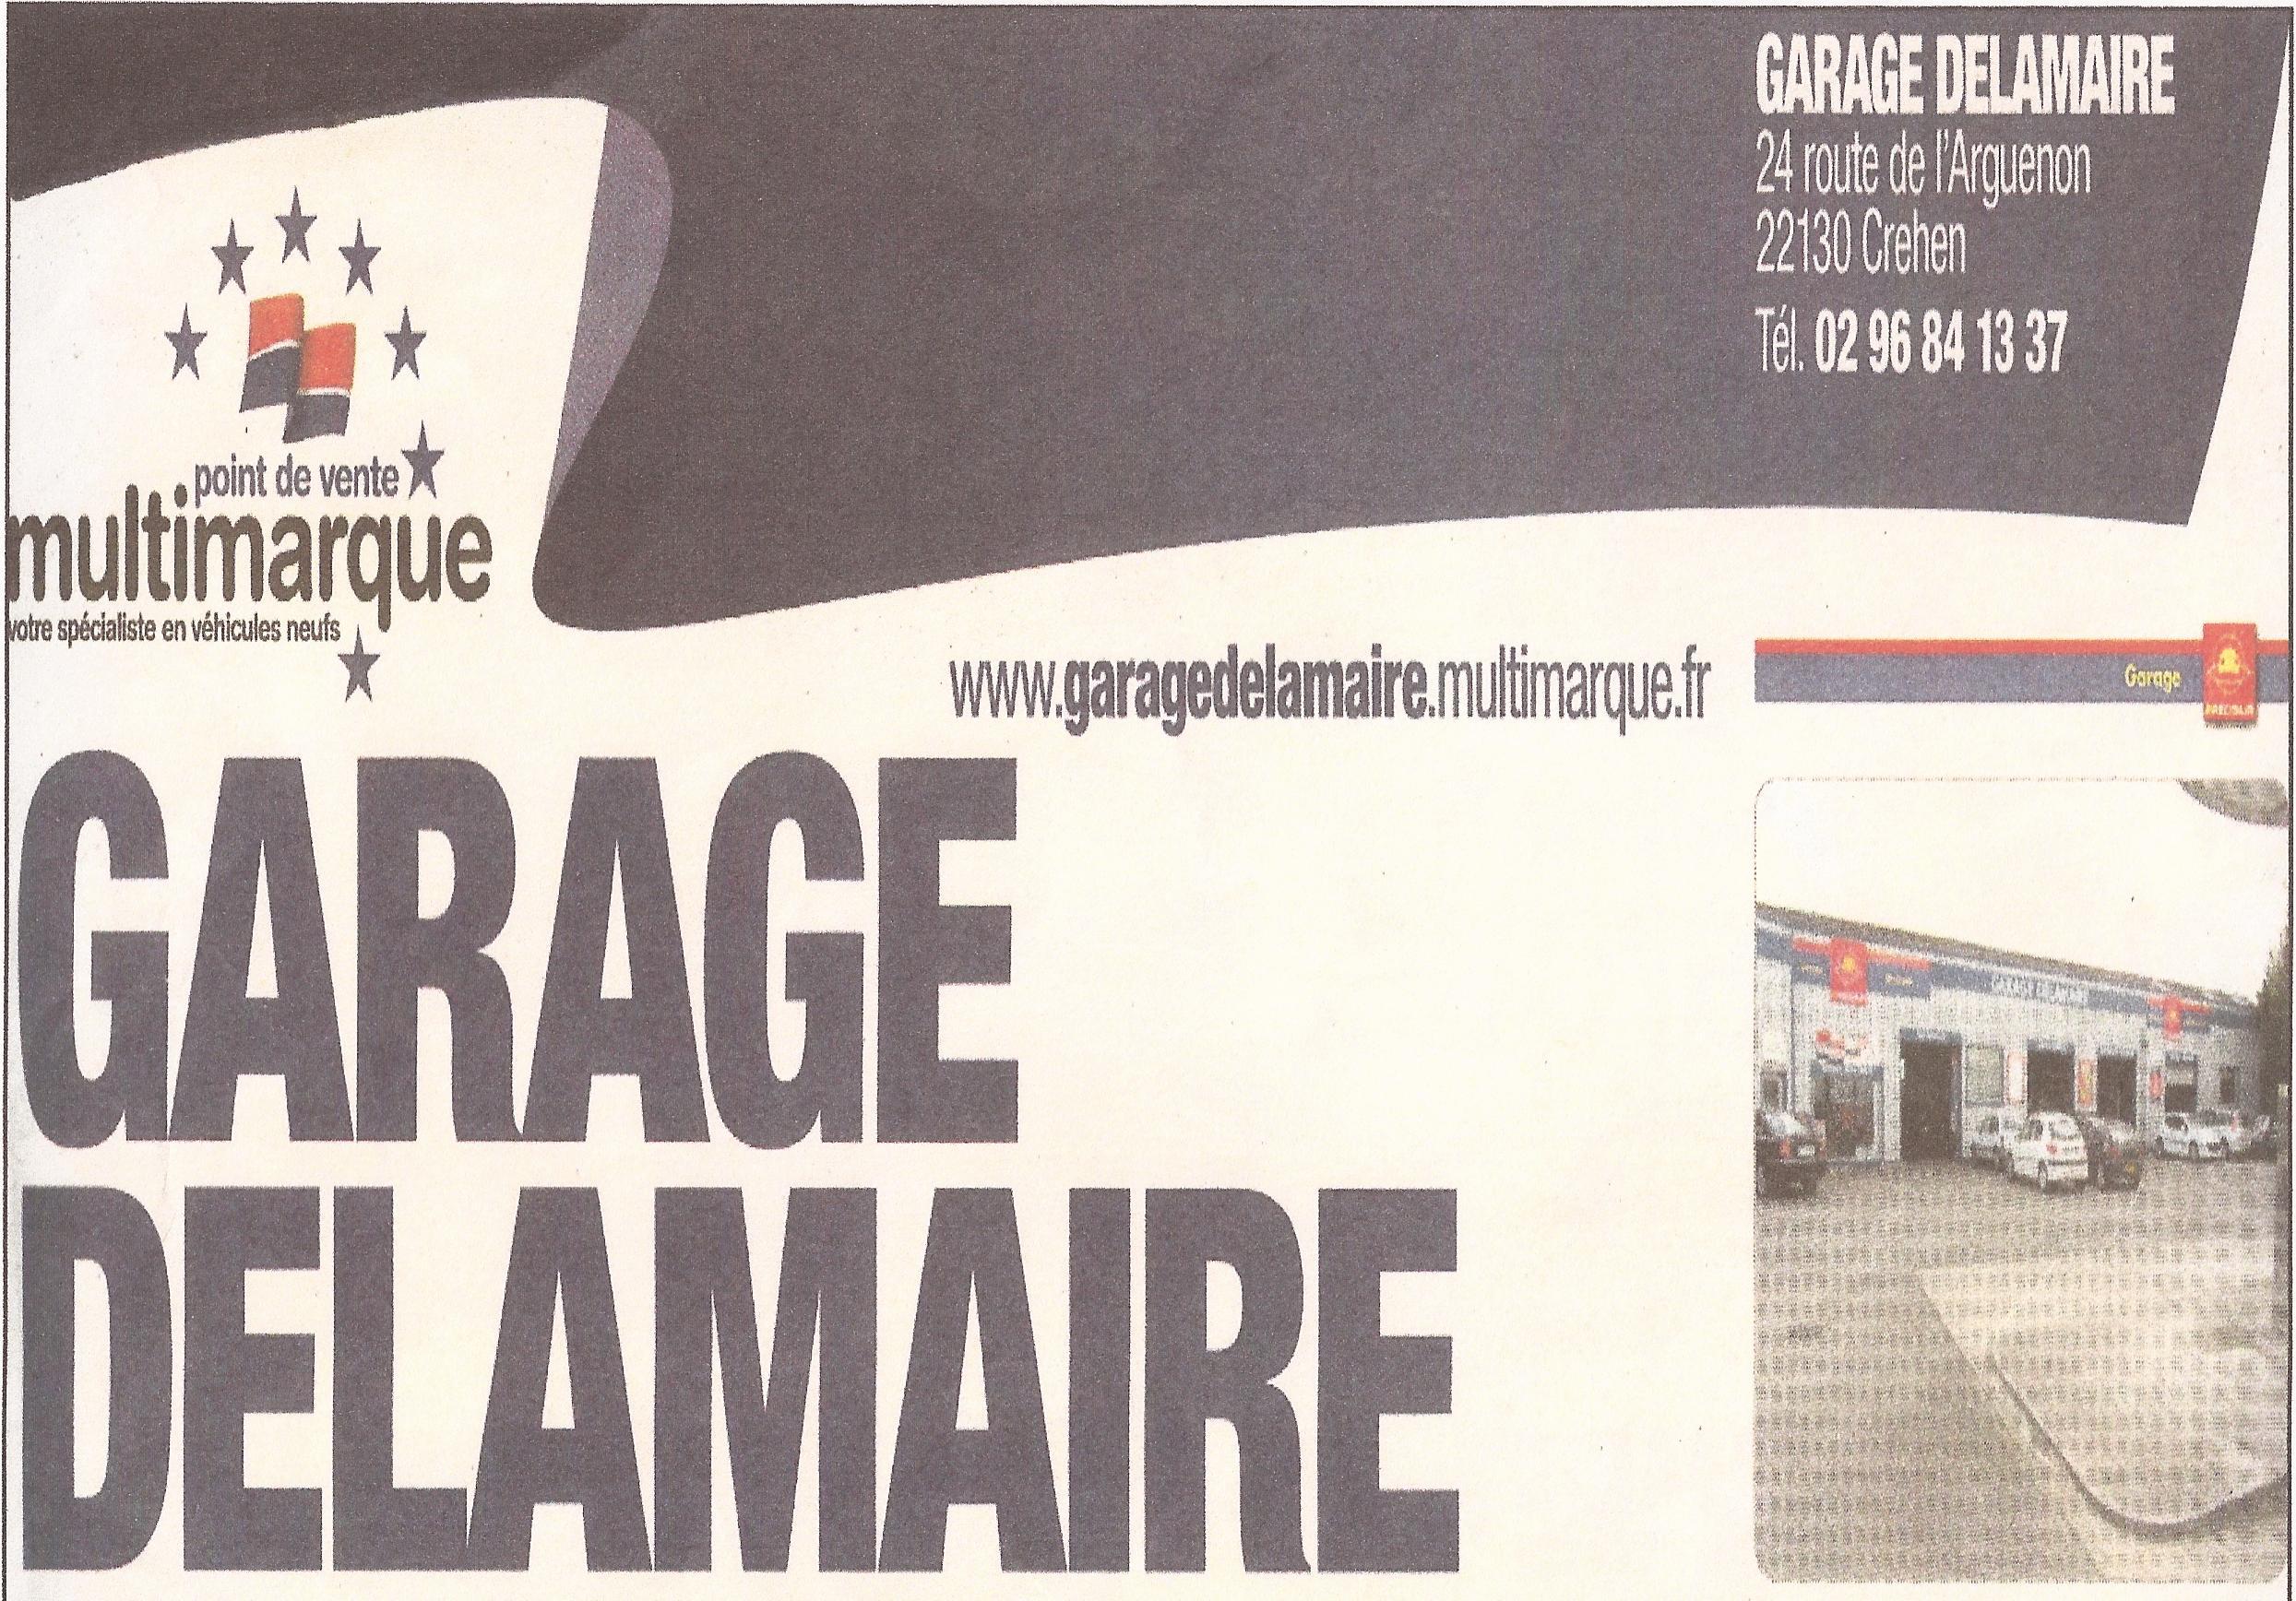 37 GARAGE DELAMAIRE - CREHEN